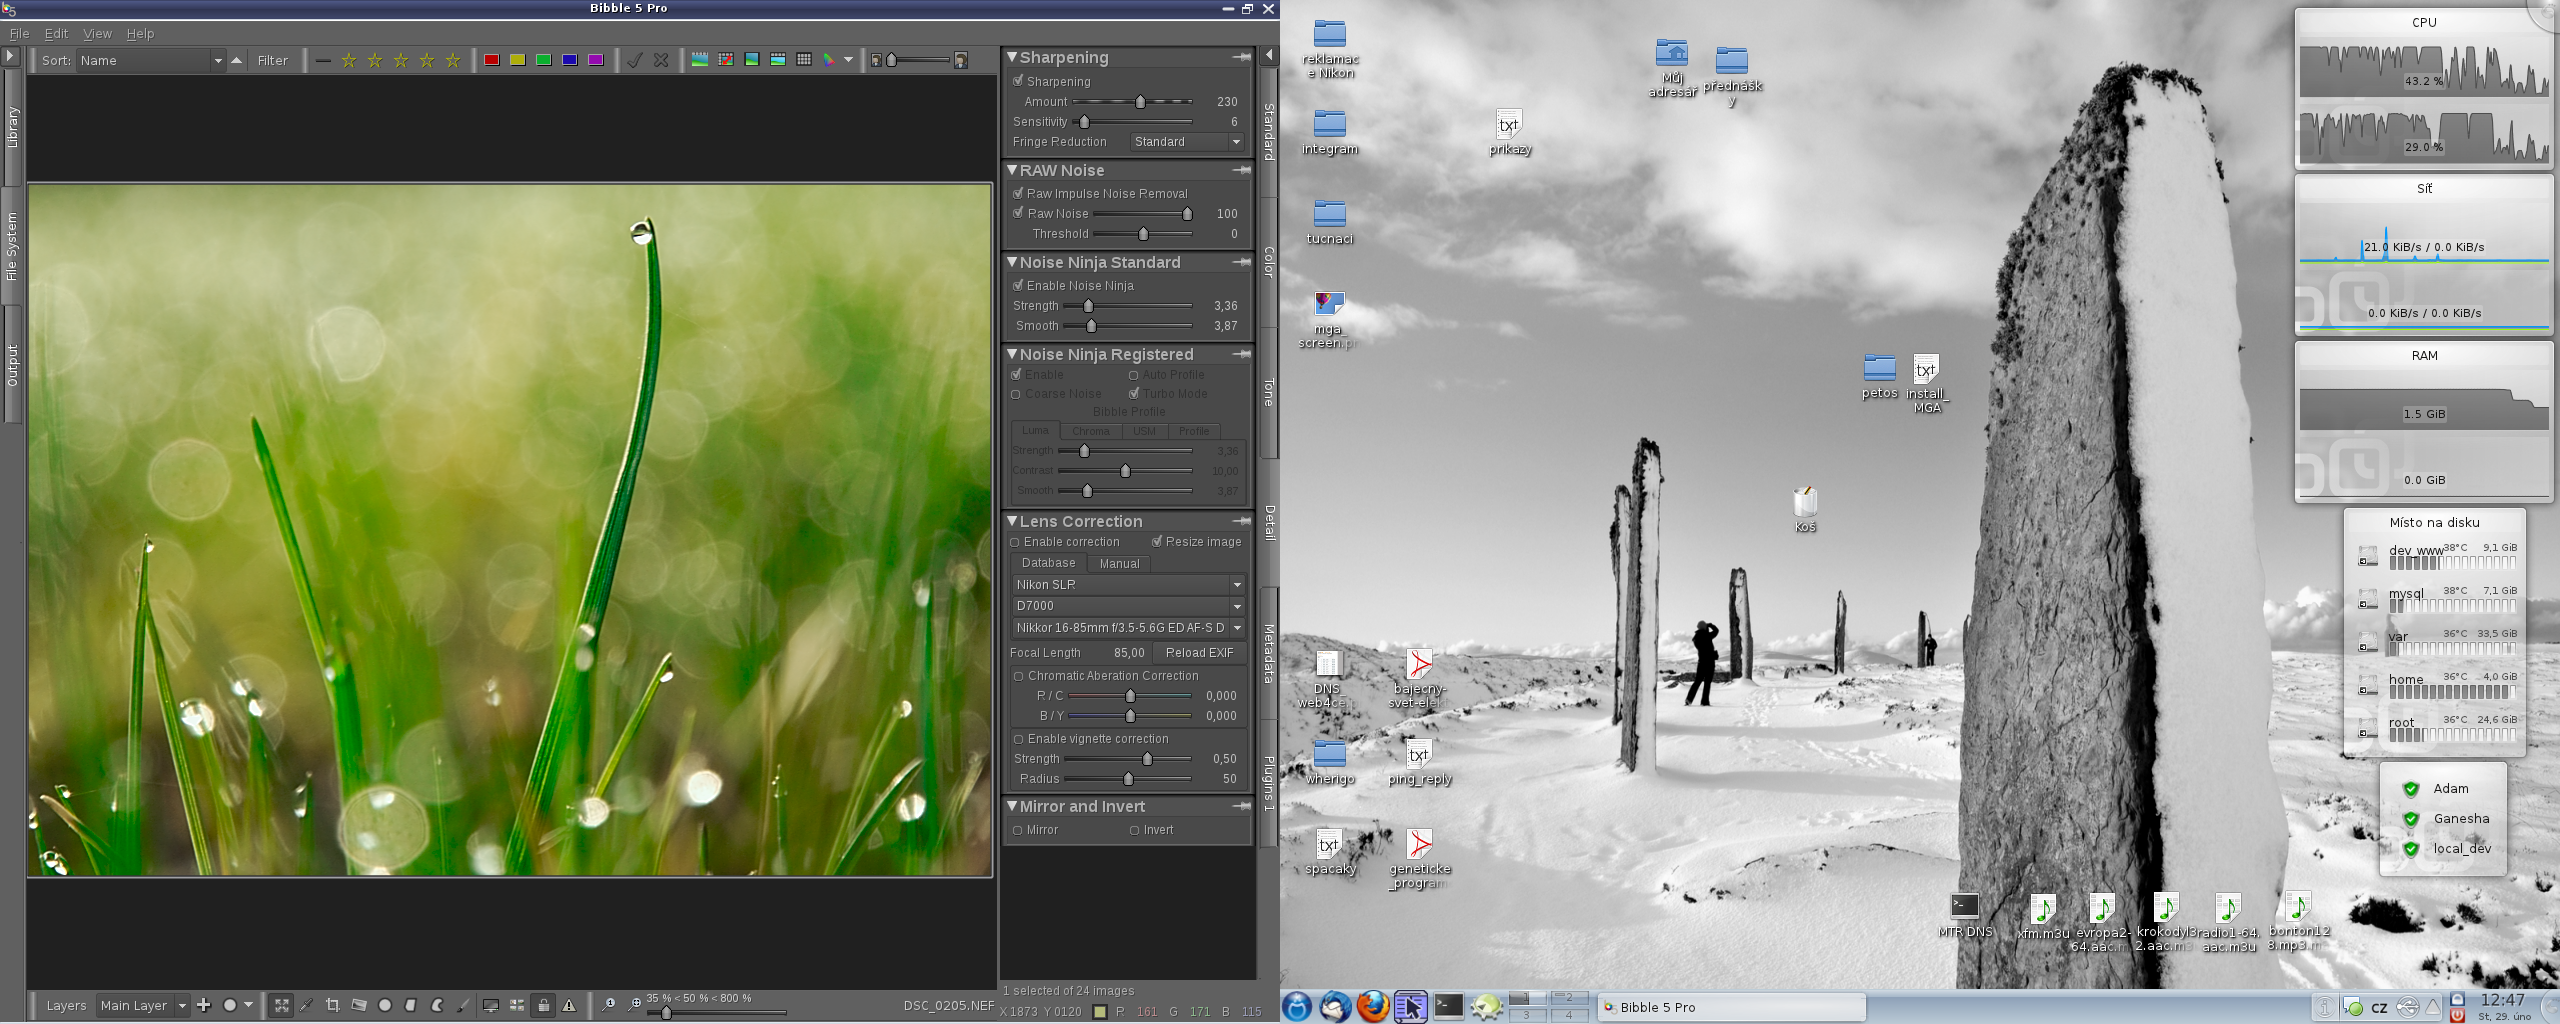 Joelp: Mageia 1, KDE4 - Ze zivota digitalni fotografie 2